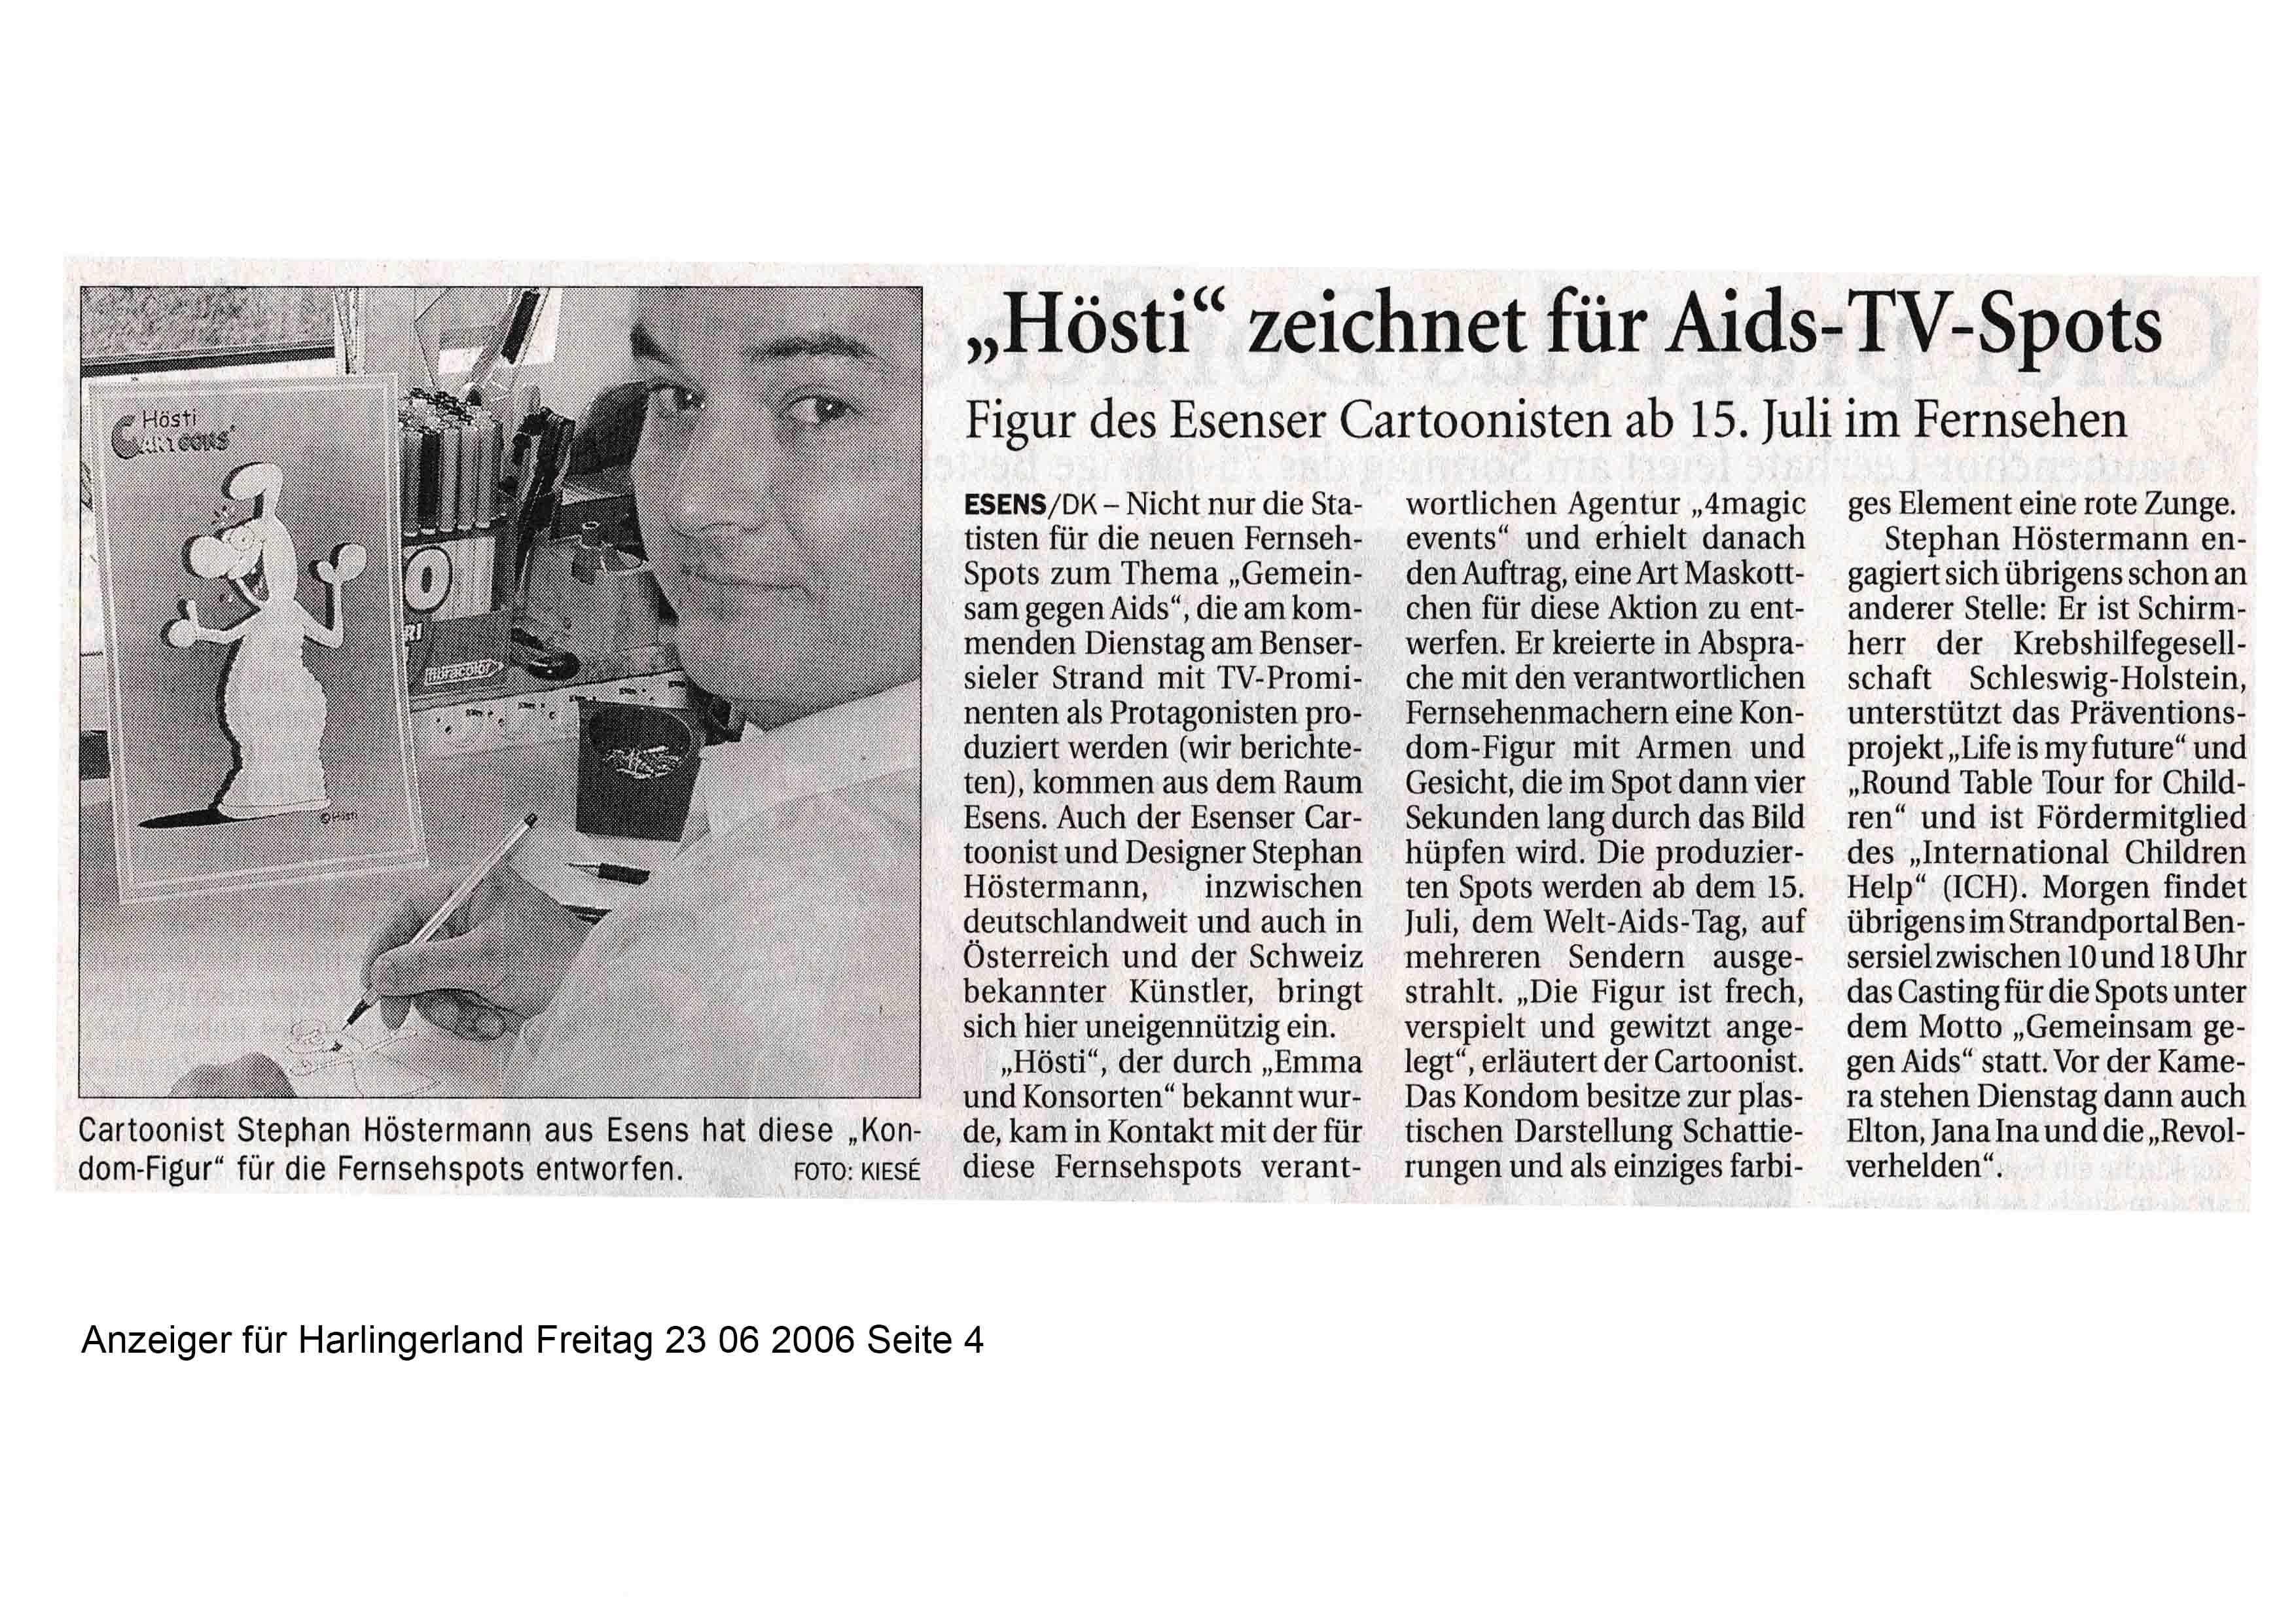 Anzeiger für Harlingerland Freitag 23 06 2006 Seite 4